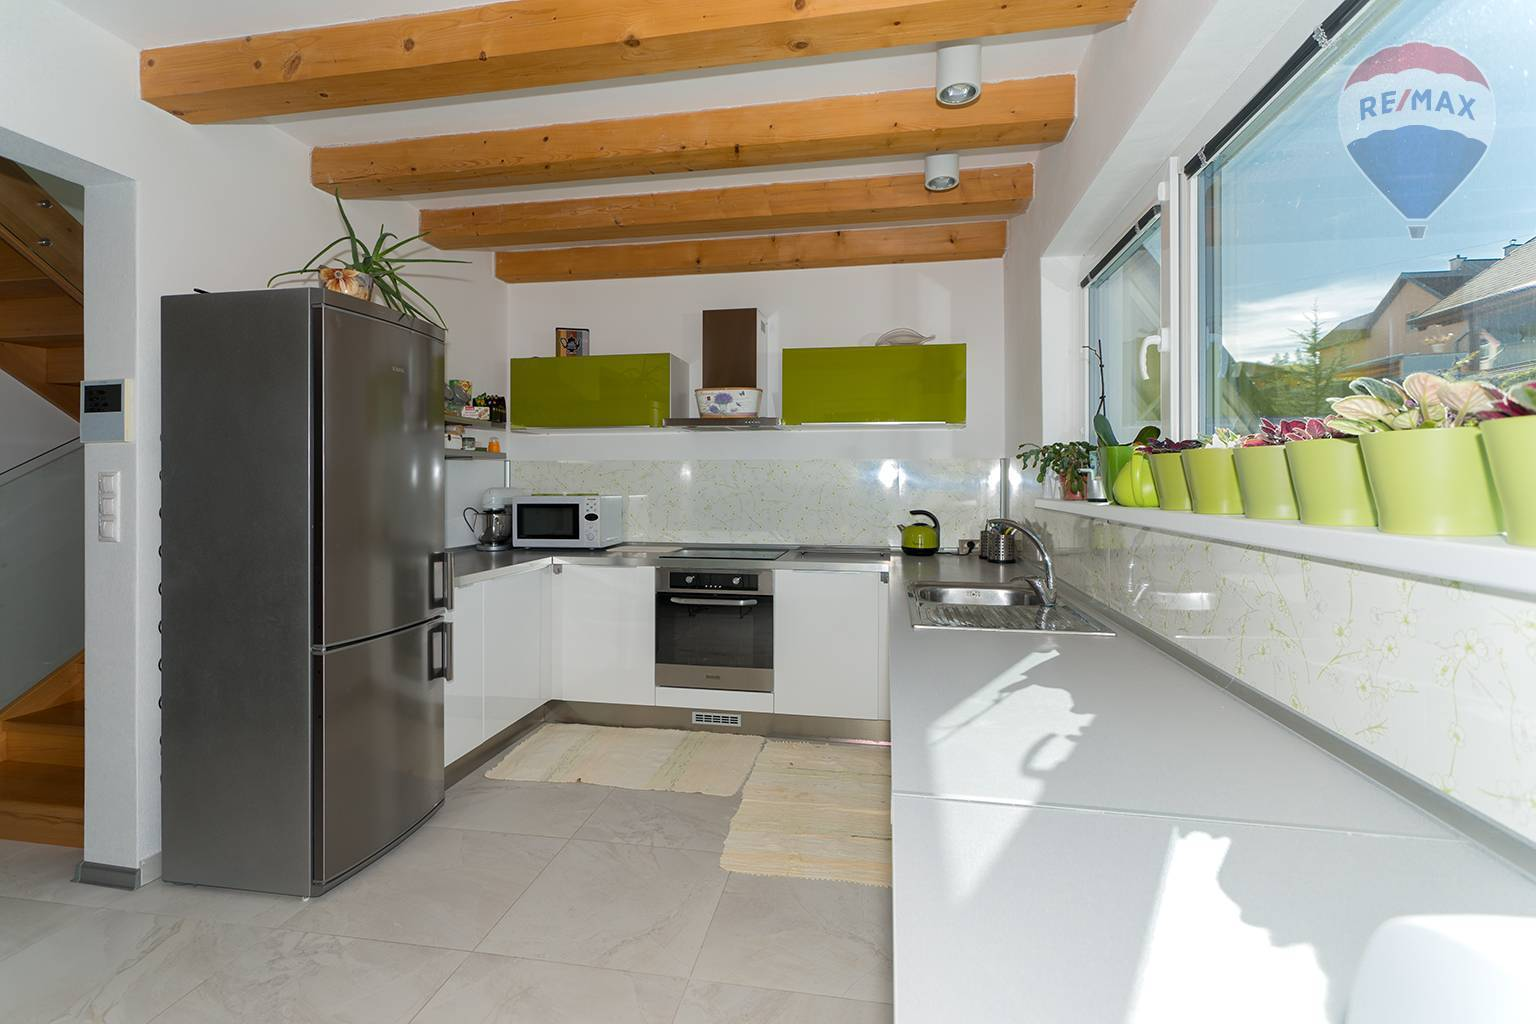 Predaj domu 163 m2, Liptovský Ondrej - kuchyňa